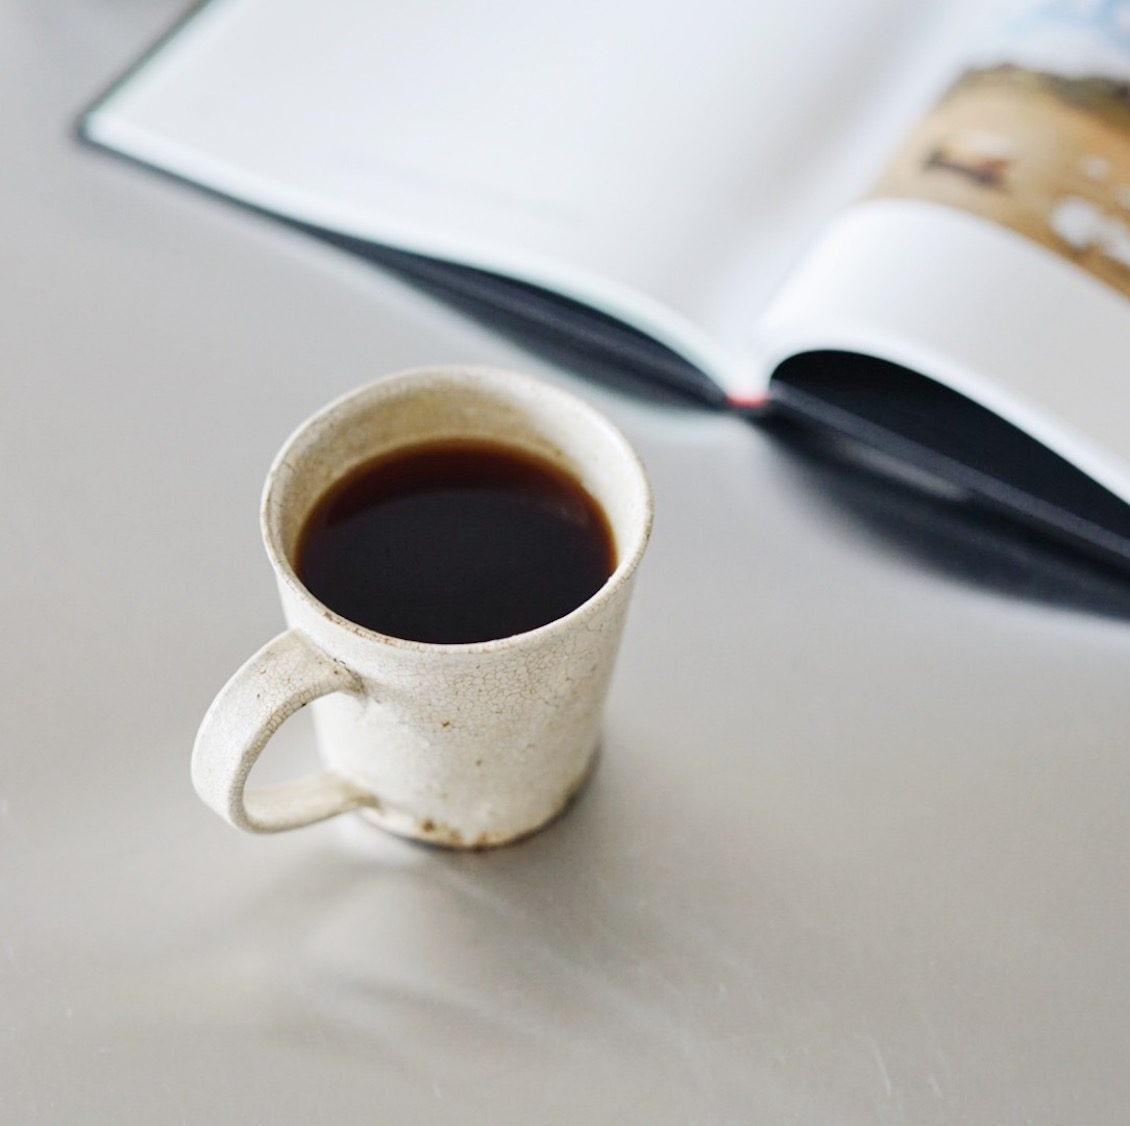 【僕のおやつ日記】コーヒーの理解を深めるためにトレーニングを受けてきました。